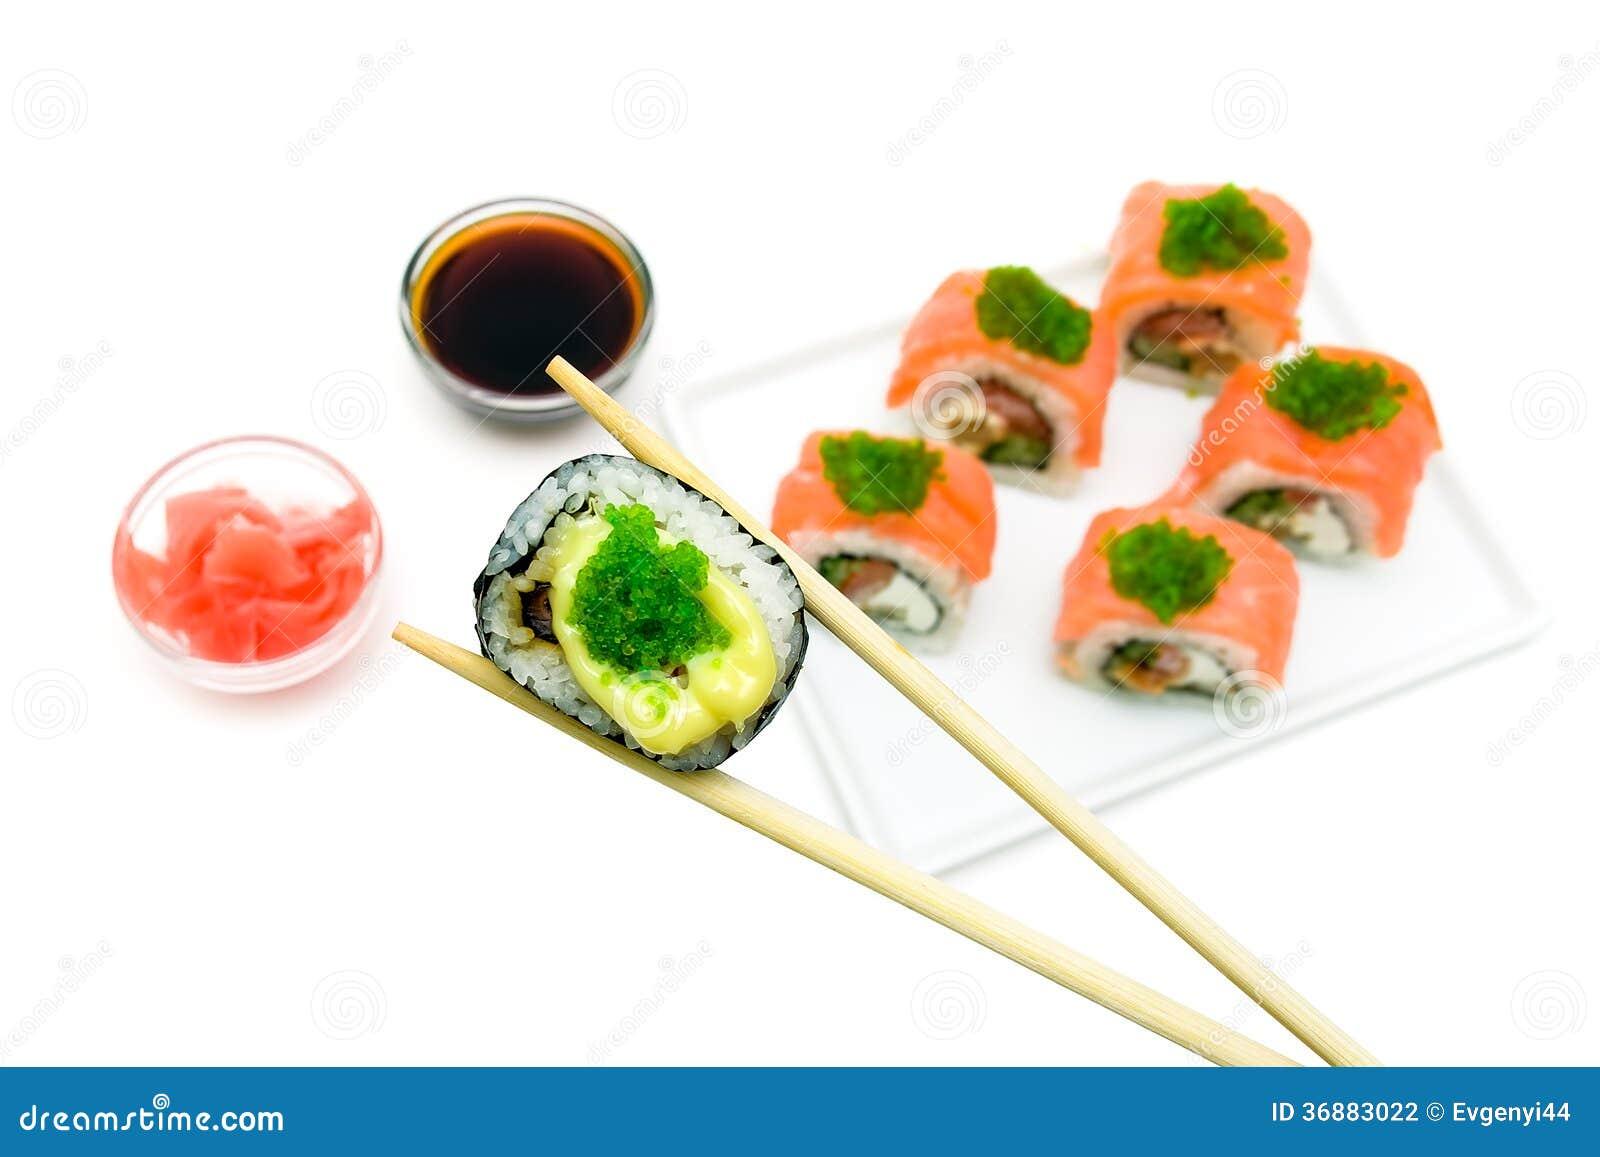 Download Cucina Giapponese - Rotoli Su Fondo Bianco Fotografia Stock - Immagine di pasto, zenzero: 36883022